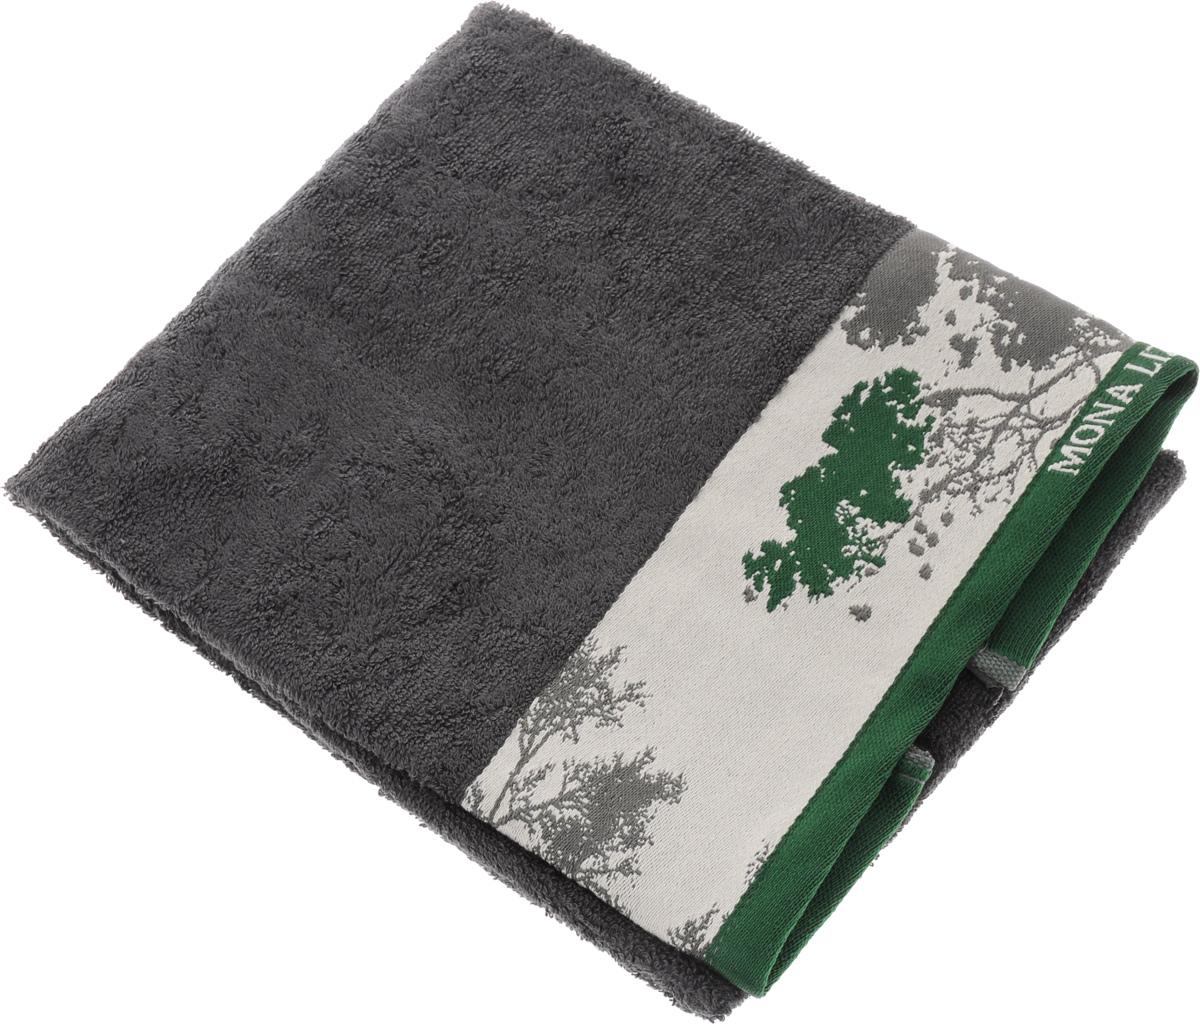 Полотенце Mona Liza Nature, цвет: графит, светло-серый, зеленый, 50 х 90 см529673/1Мягкое полотенце Nature изготовлено из 30% хлопка и 70% бамбукового волокна. Полотенце Nature с жаккардовым бордюром обладает высокой впитывающей способностью и сочетает в себе элегантную роскошь и практичность. Благодаря высокому качеству изготовления, полотенце будет радовать вас многие годы. Мотивы коллекции Mona Liza Premium bu Serg Look навеяны итальянскими фресками эпохи Ренессанса, периода удивительной гармонии в искусстве. В представленной коллекции для нанесения на ткань рисунка применяется многоцветная печать, метод реактивного крашения, который позволяет создать уникальную цветовую гамму, напоминающую старинные фрески. Этот метод также обеспечивает высокую устойчивость краски при стирке.